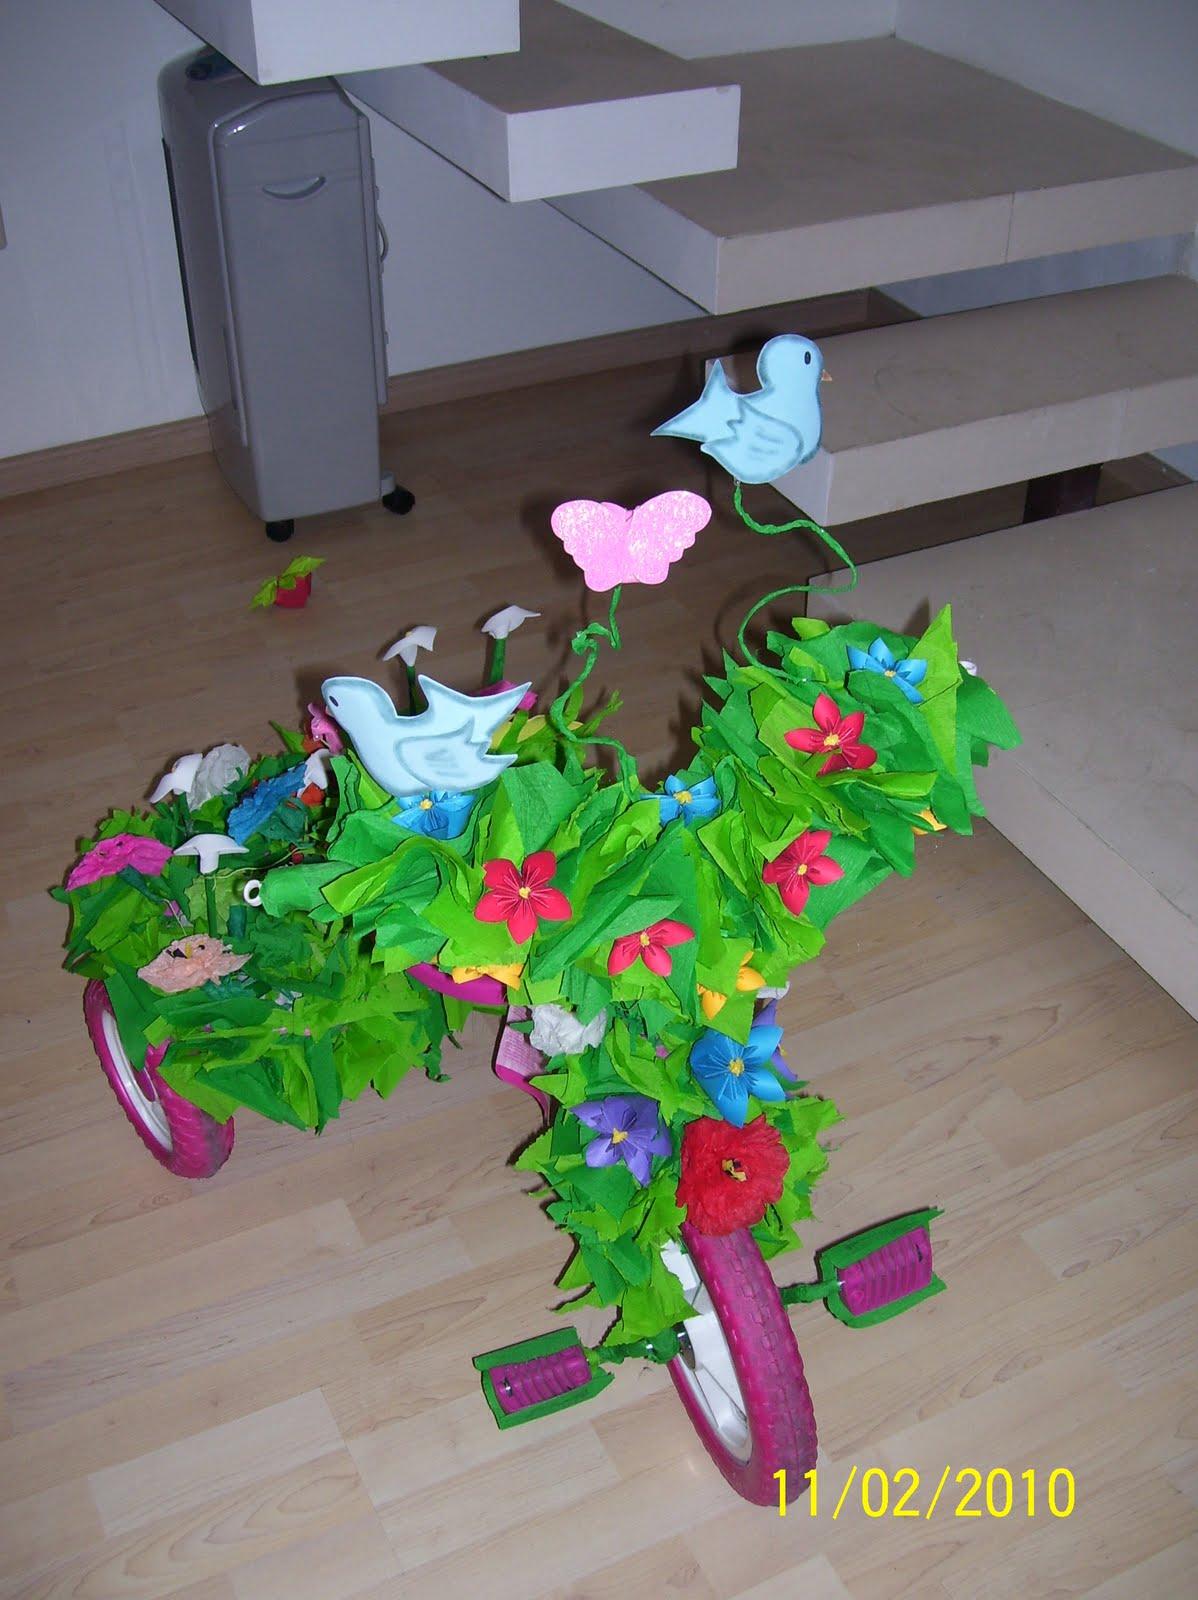 Monys monadas decoraci n de triciclos primavera for Decoracion del hogar en primavera